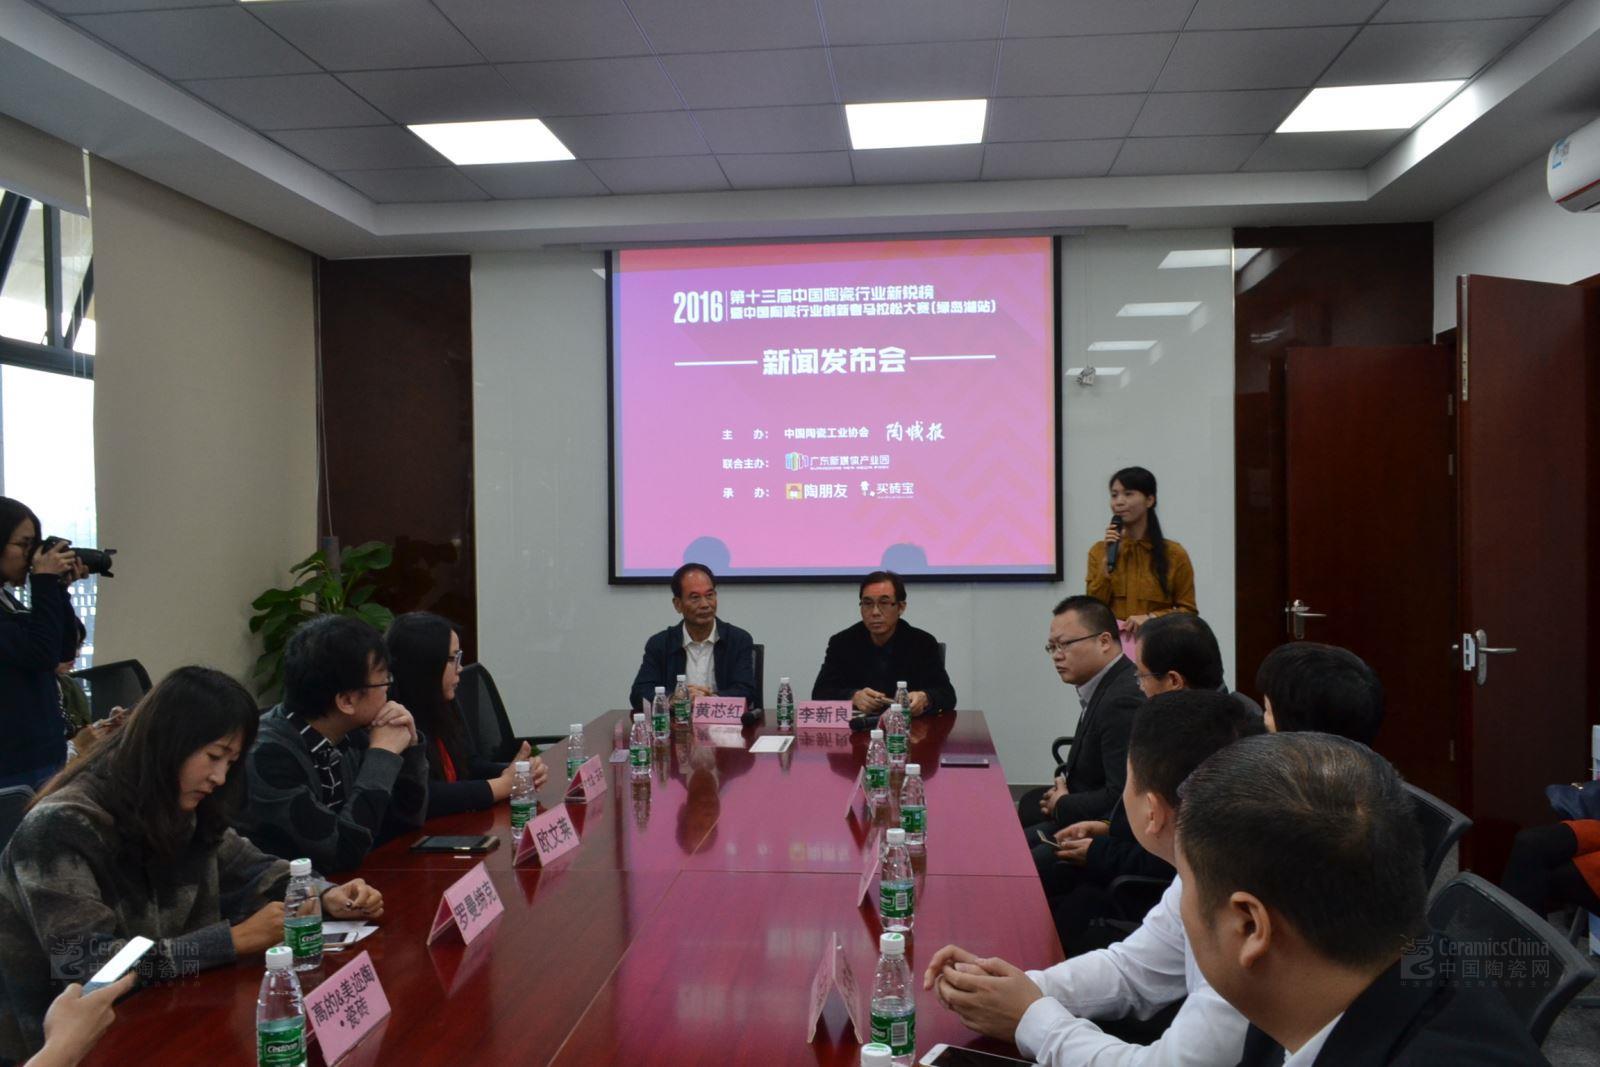 新锐榜暨中国陶瓷行业创新者马拉松大赛新闻发布会在南庄镇绿岛湖举行